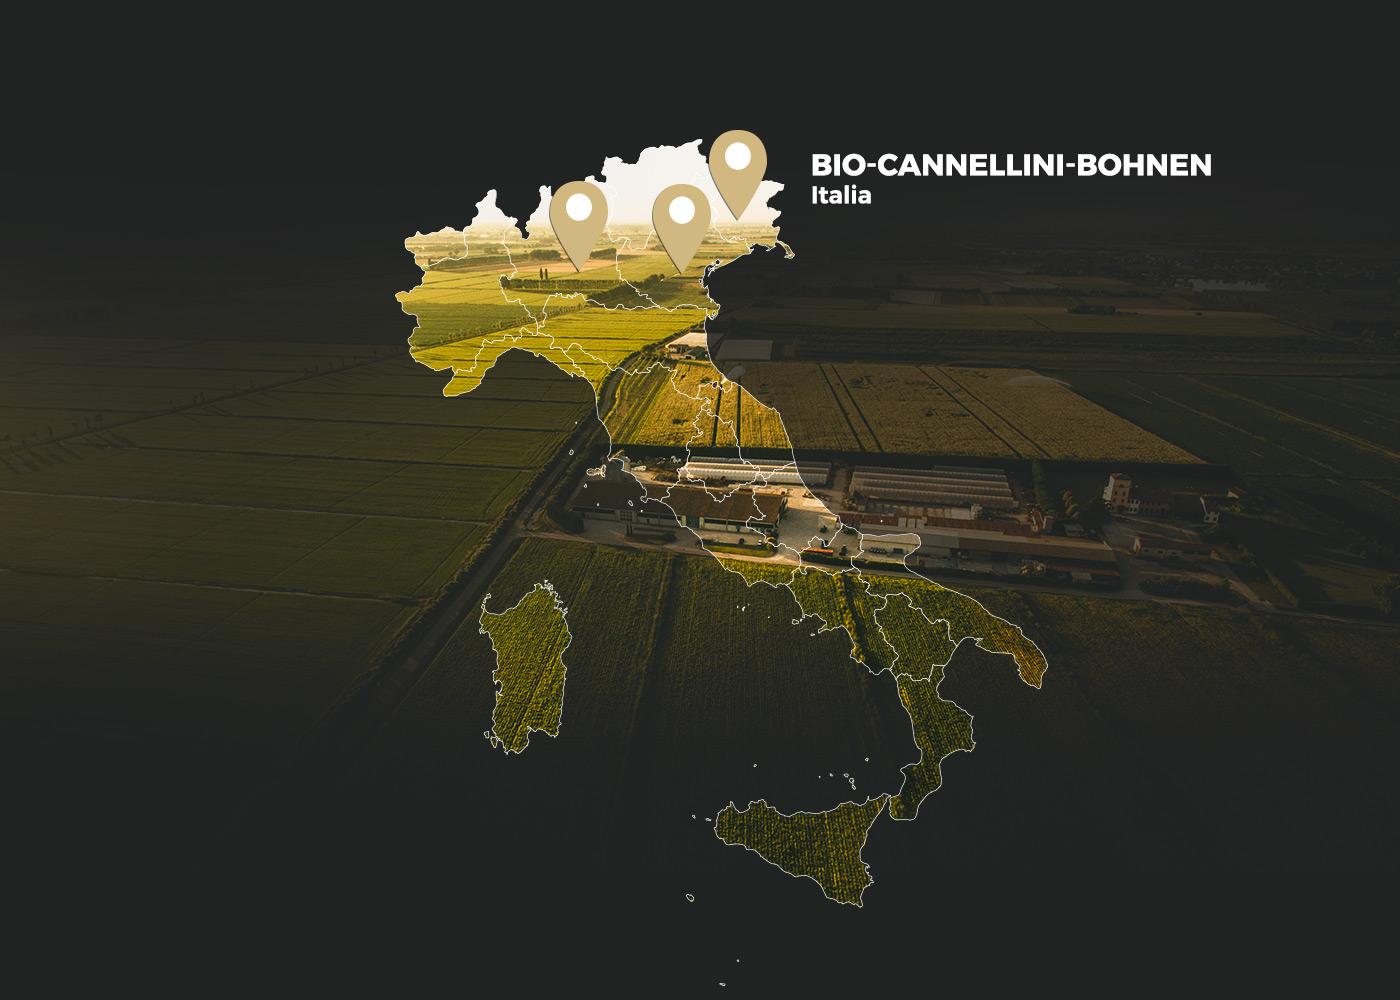 Bio-Cannellini-Bohnen